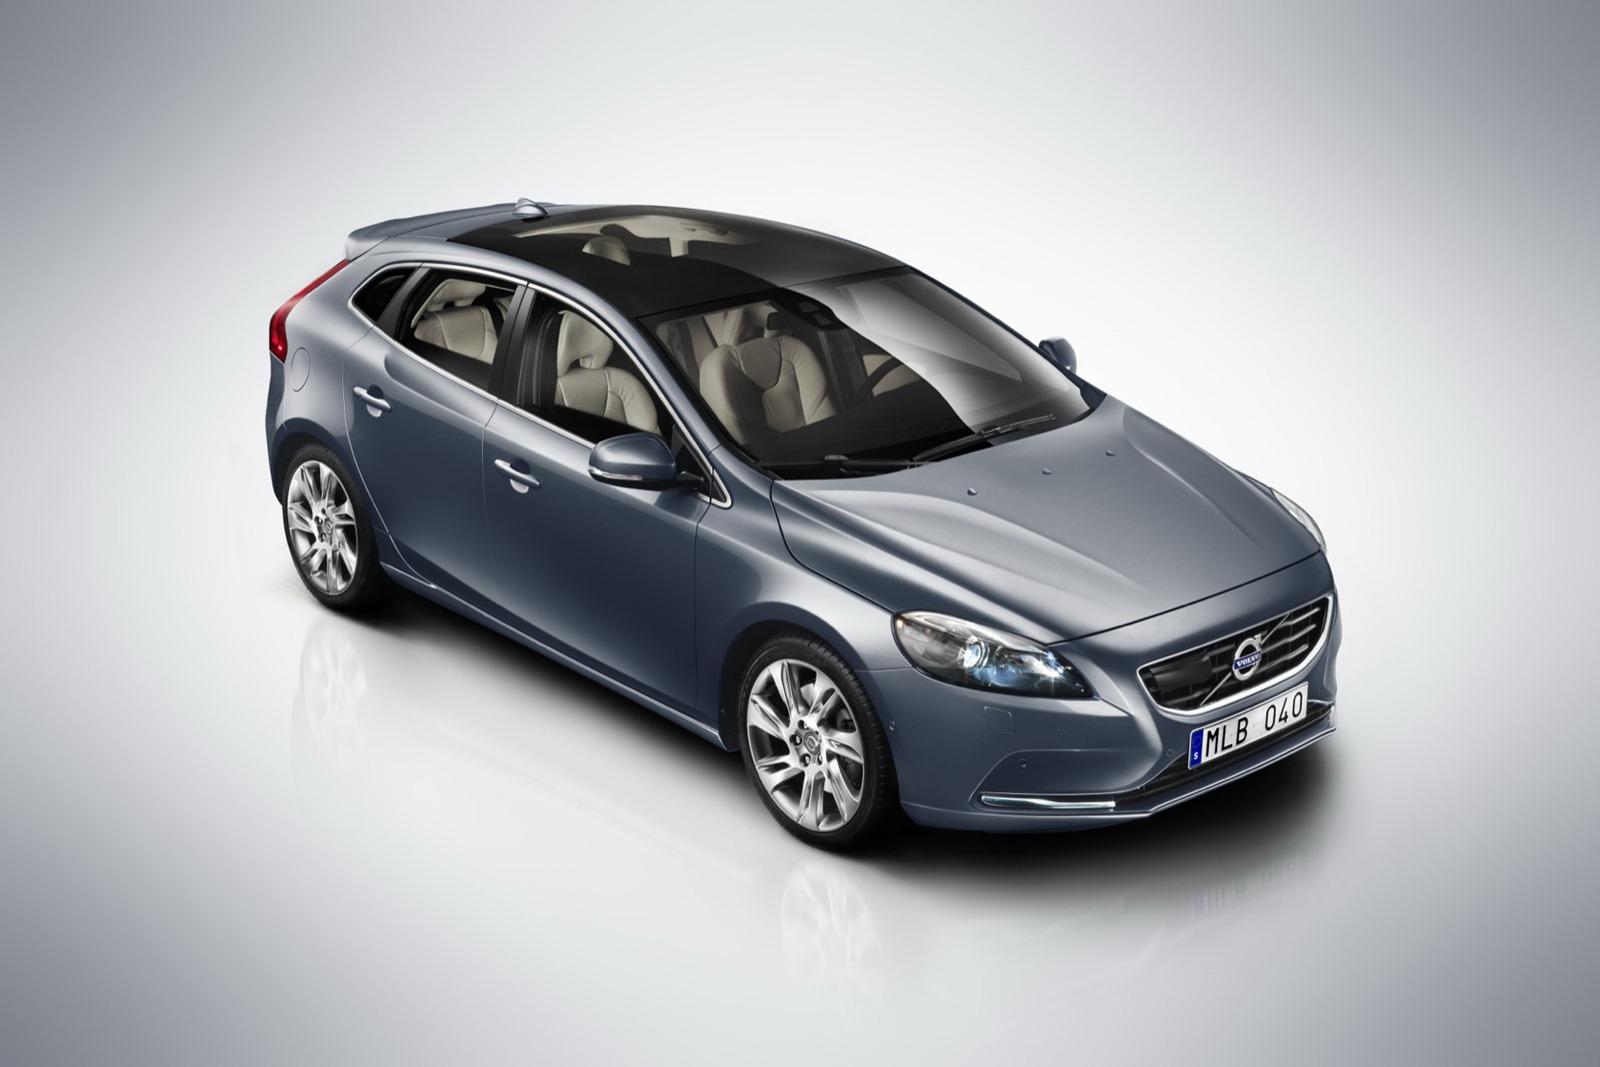 http://3.bp.blogspot.com/-P_tQZi-Xsog/T0uFJ9Pa-dI/AAAAAAAAAD8/c4W88wrLi84/s1600/2012-Volvo-V40-13-4.jpg